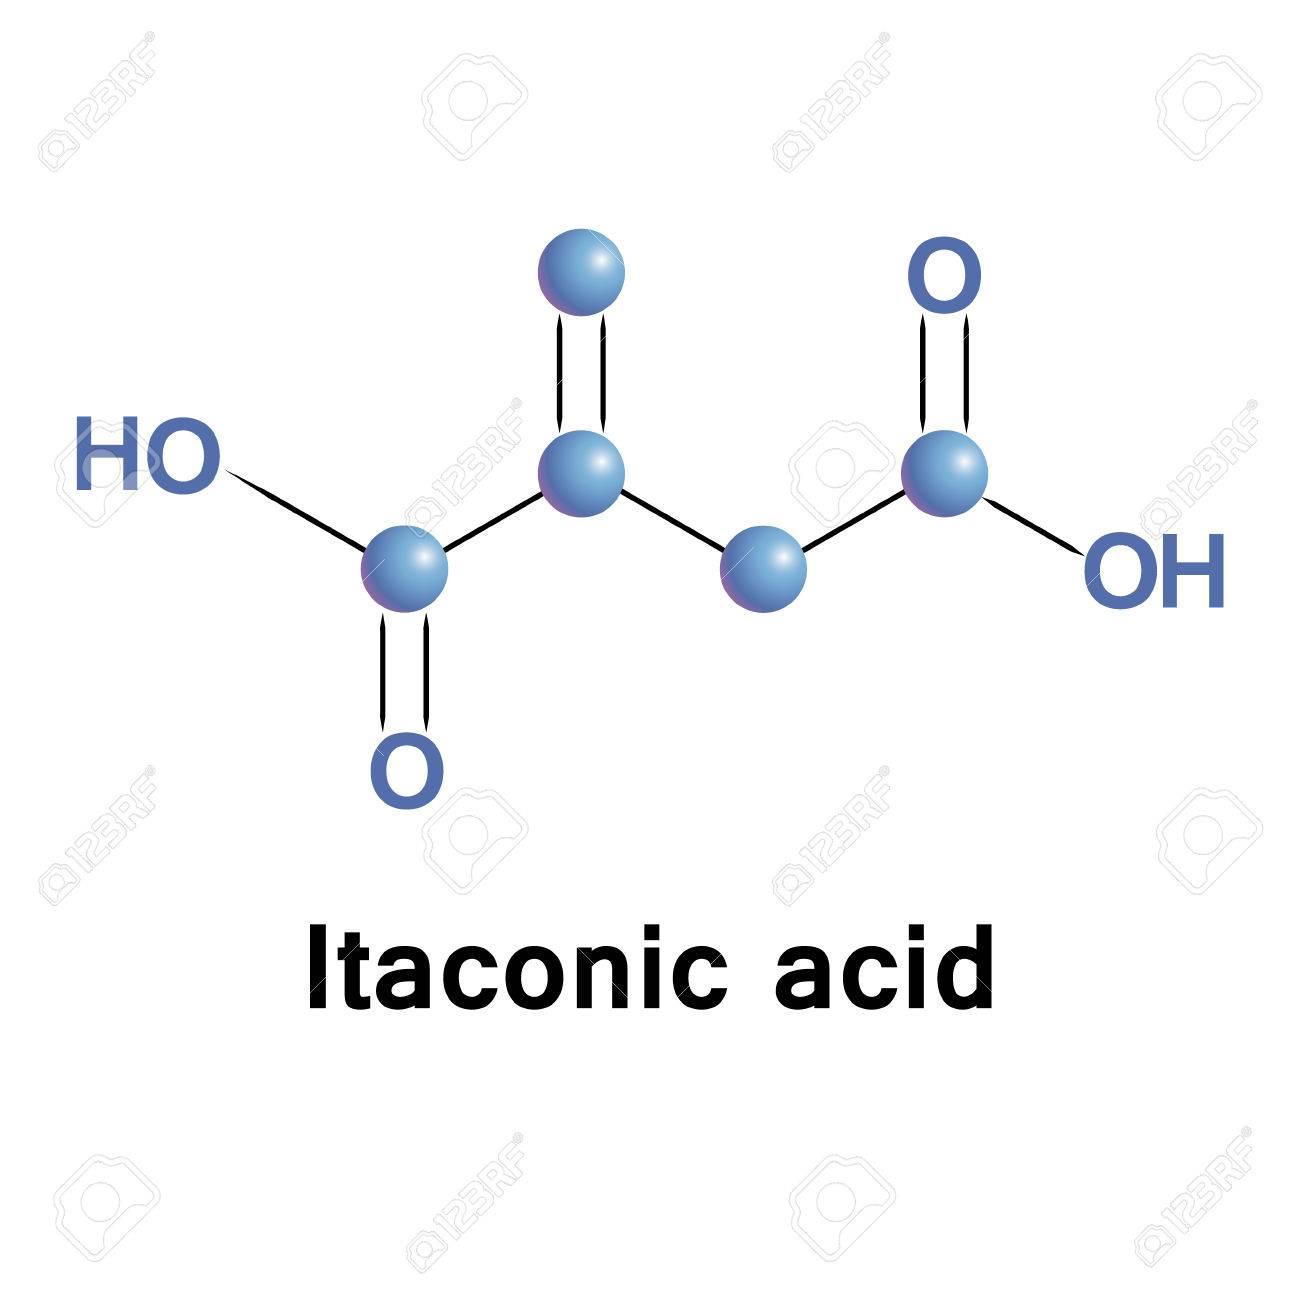 Lacido Itaconico O Acido Metilensuccinico è Un Composto Organico Ottenuto Dalla Distillazione Dellacido Citrico Si Tratta Di Un Blocco